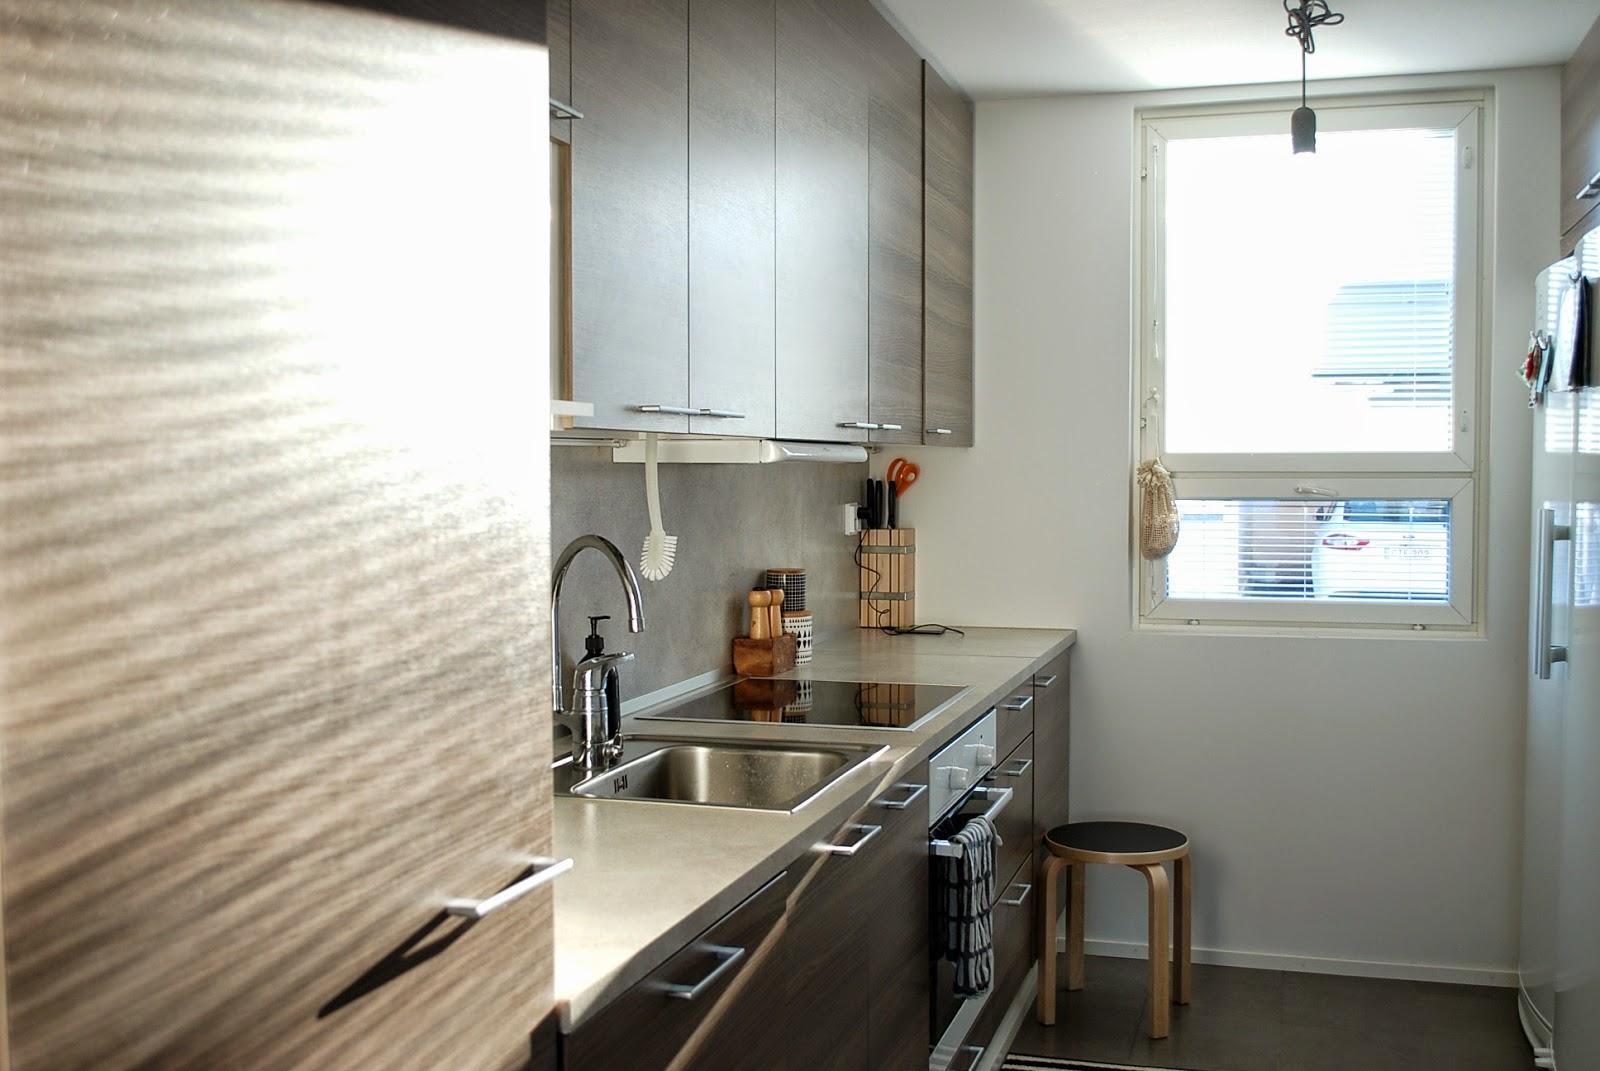 ZUBI'S CORNER Kevään valoa keittiössä